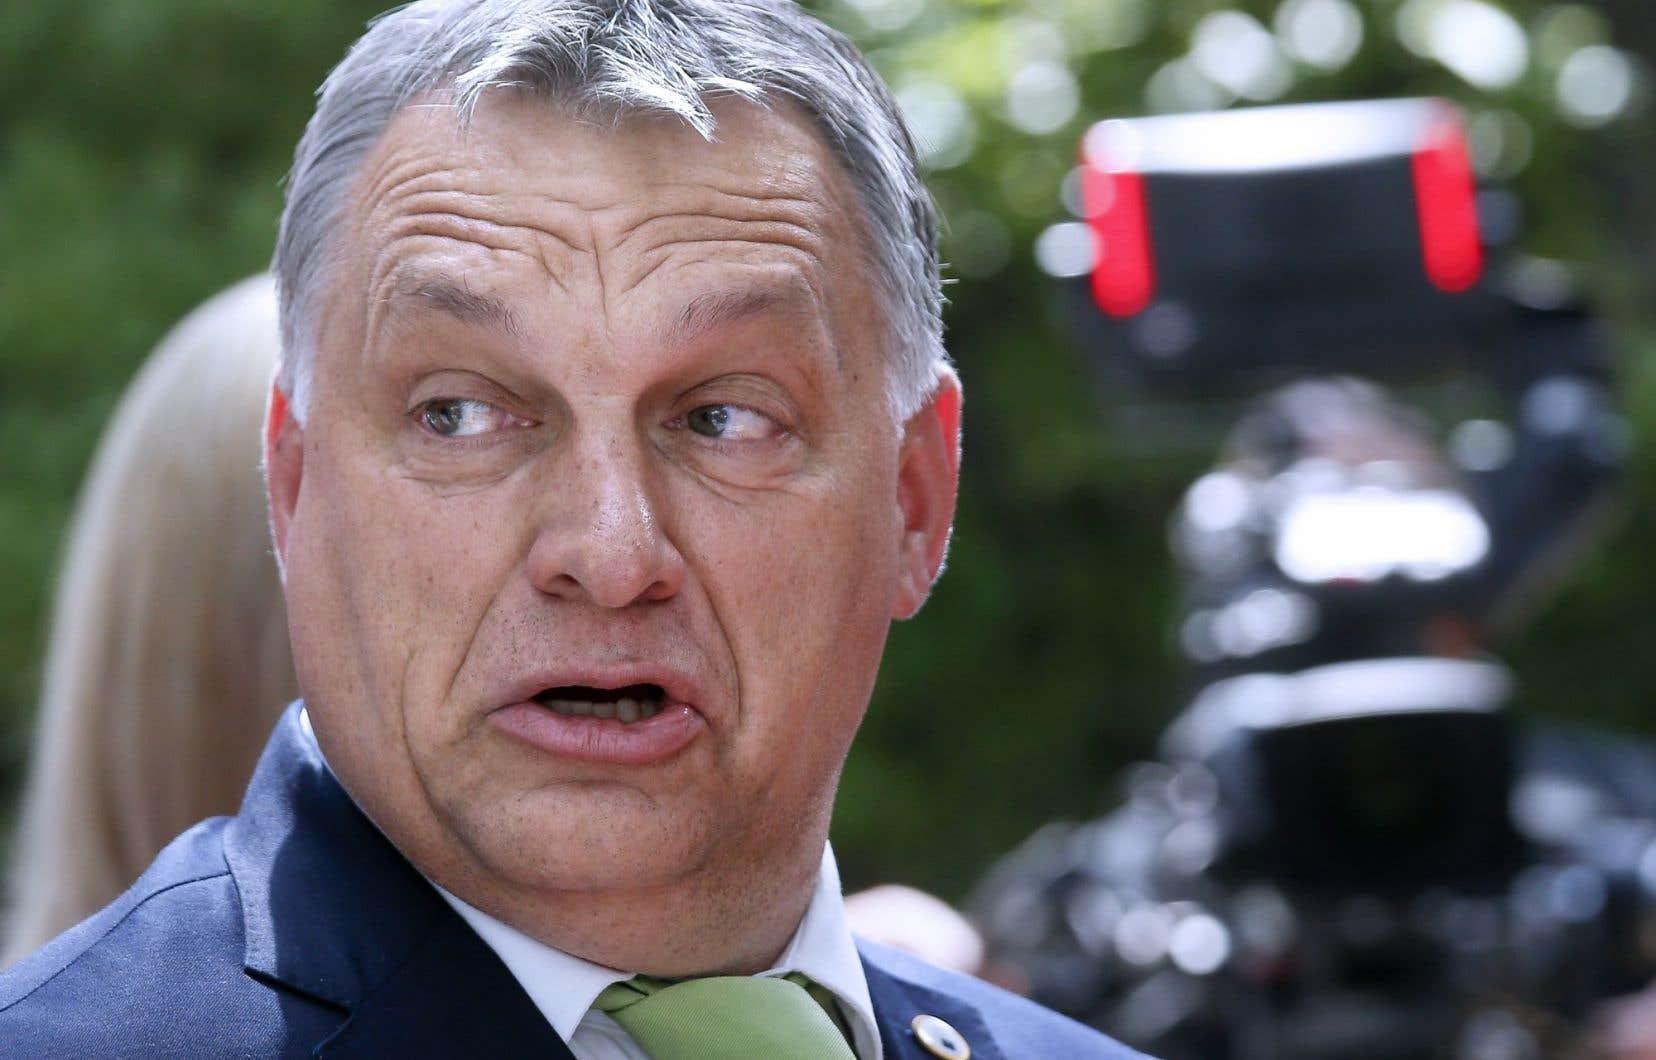 Dans un discours fin juillet, Viktor Orban avait mis en garde contre le rôle des «médias exploités» par Georges Soros en vue des législatives de 2018 où il briguera un nouveau mandat.